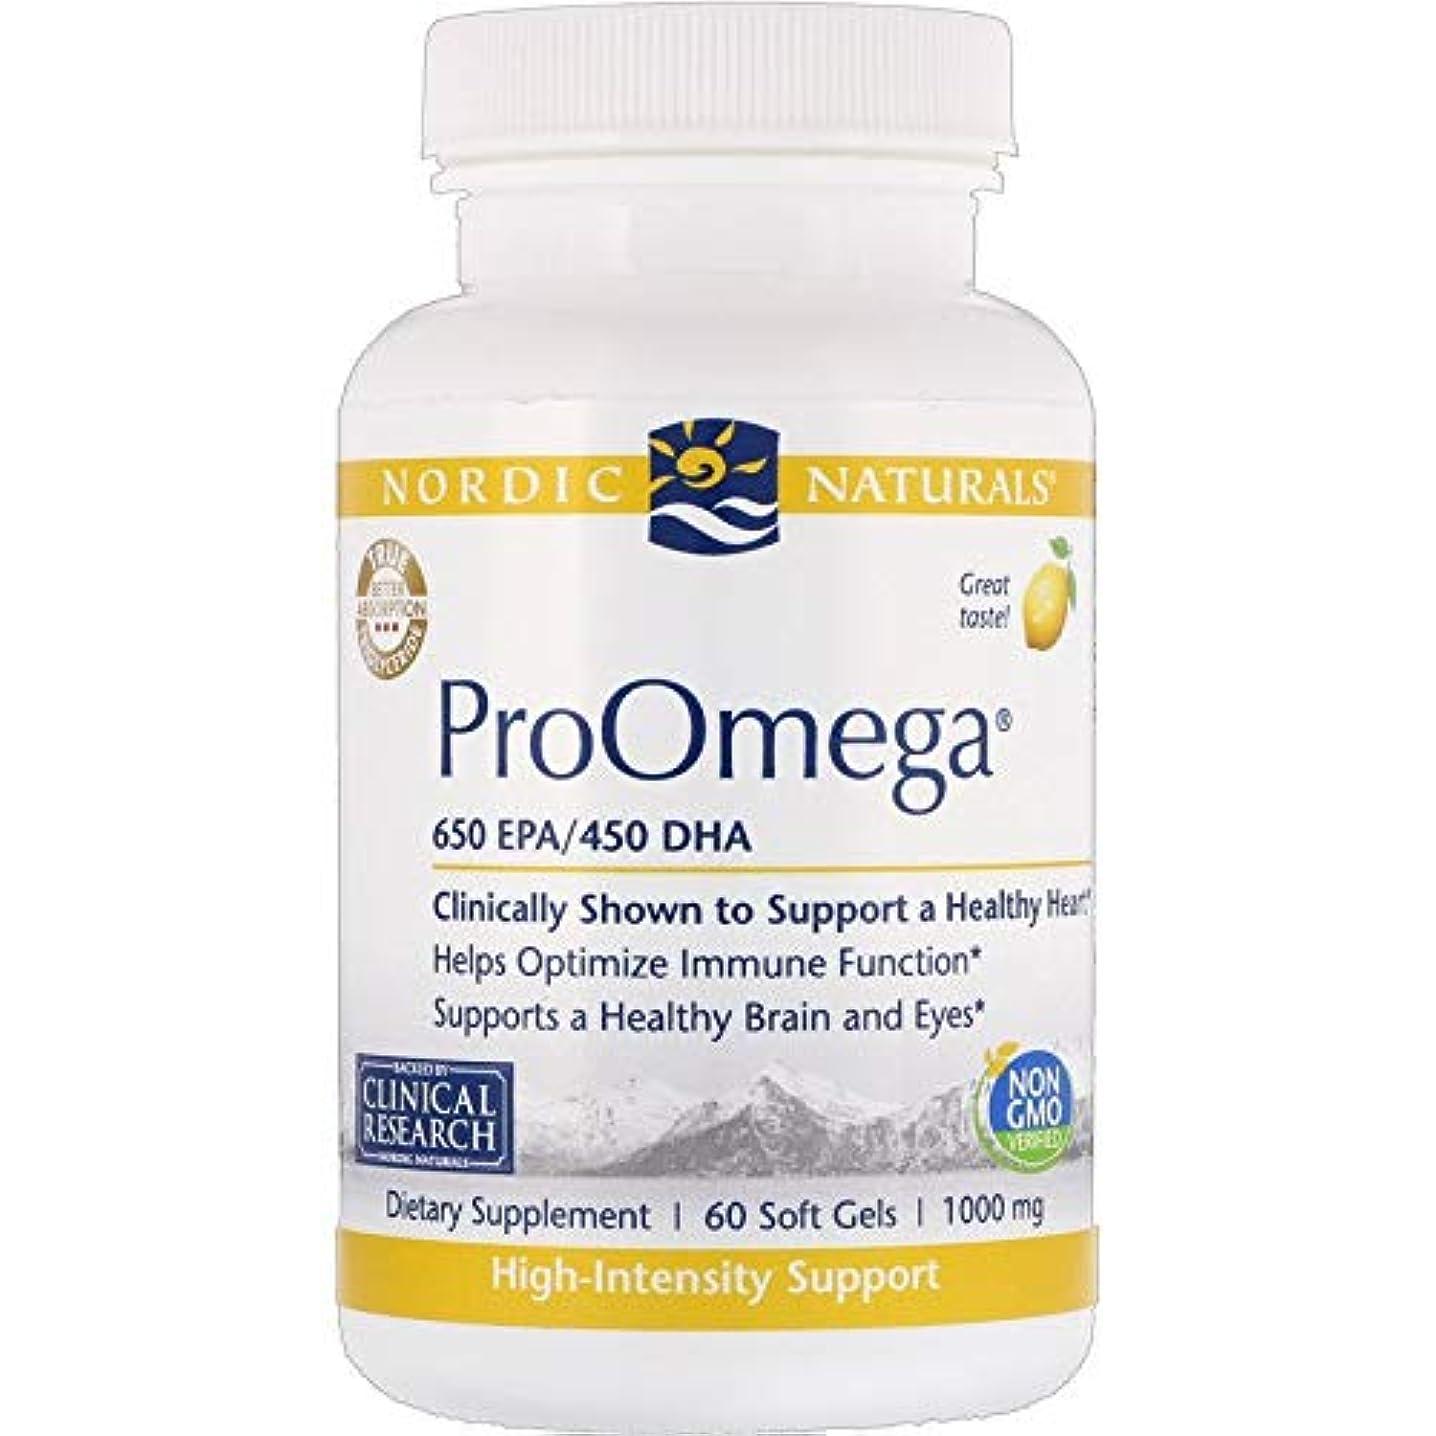 めまいが純度柔らかいNordic Naturals ProOmega プロオメガ レモン味 650 EPA / 450 DHA 1000 mg 60粒 [海外直送品]